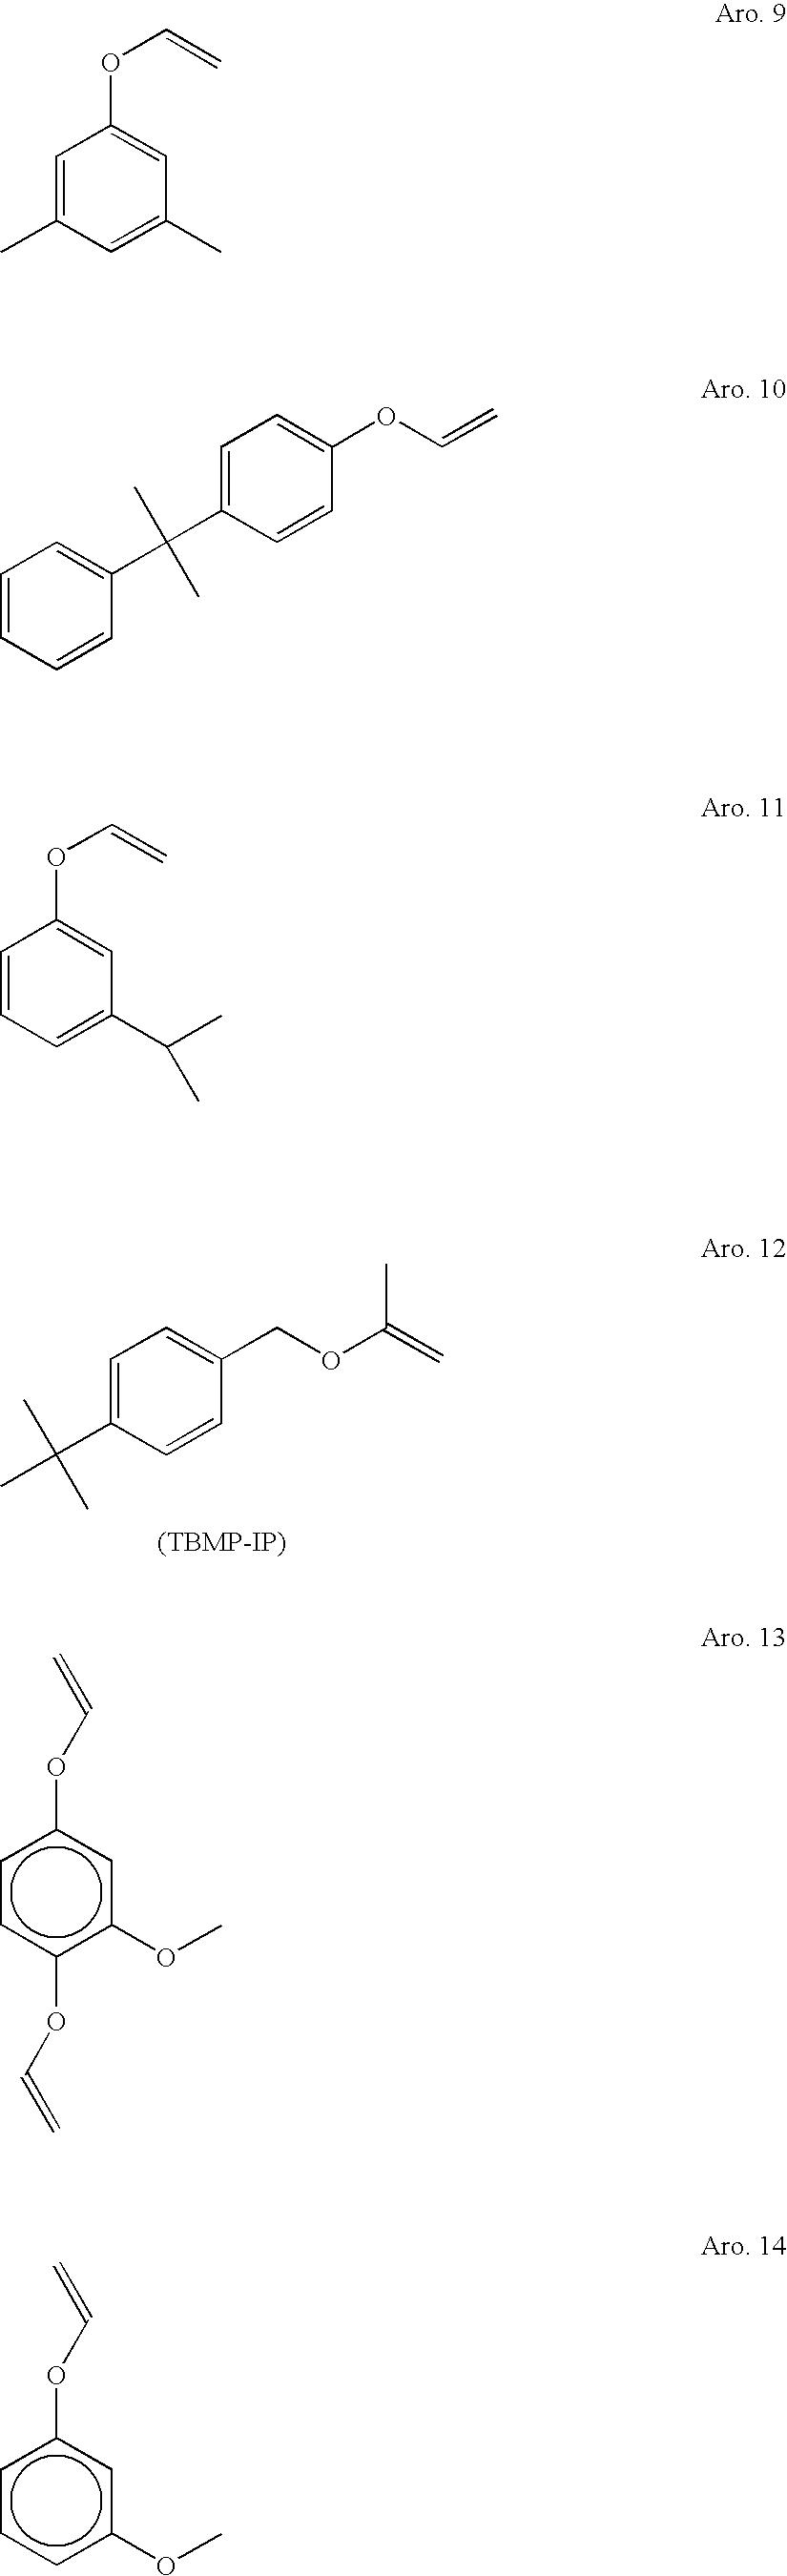 Figure US20100026771A1-20100204-C00004